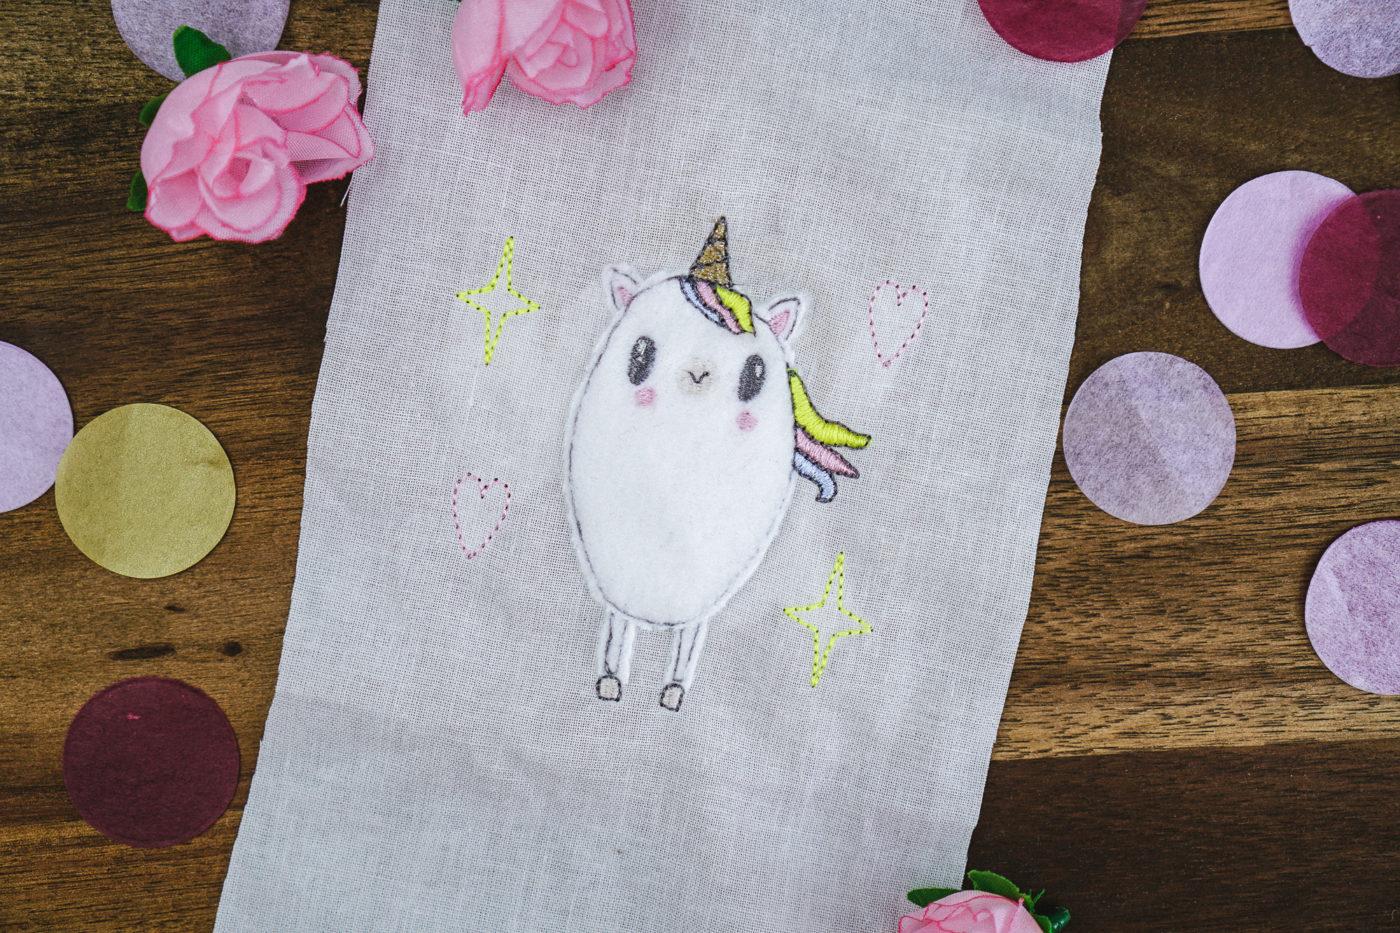 Stickdatei Einhorn Fluffie einhorn applikation »Shiny Rainbow Shower« 🦄 by Fluffie&Fans stickdatei einhorn fluffie 03 1400x933